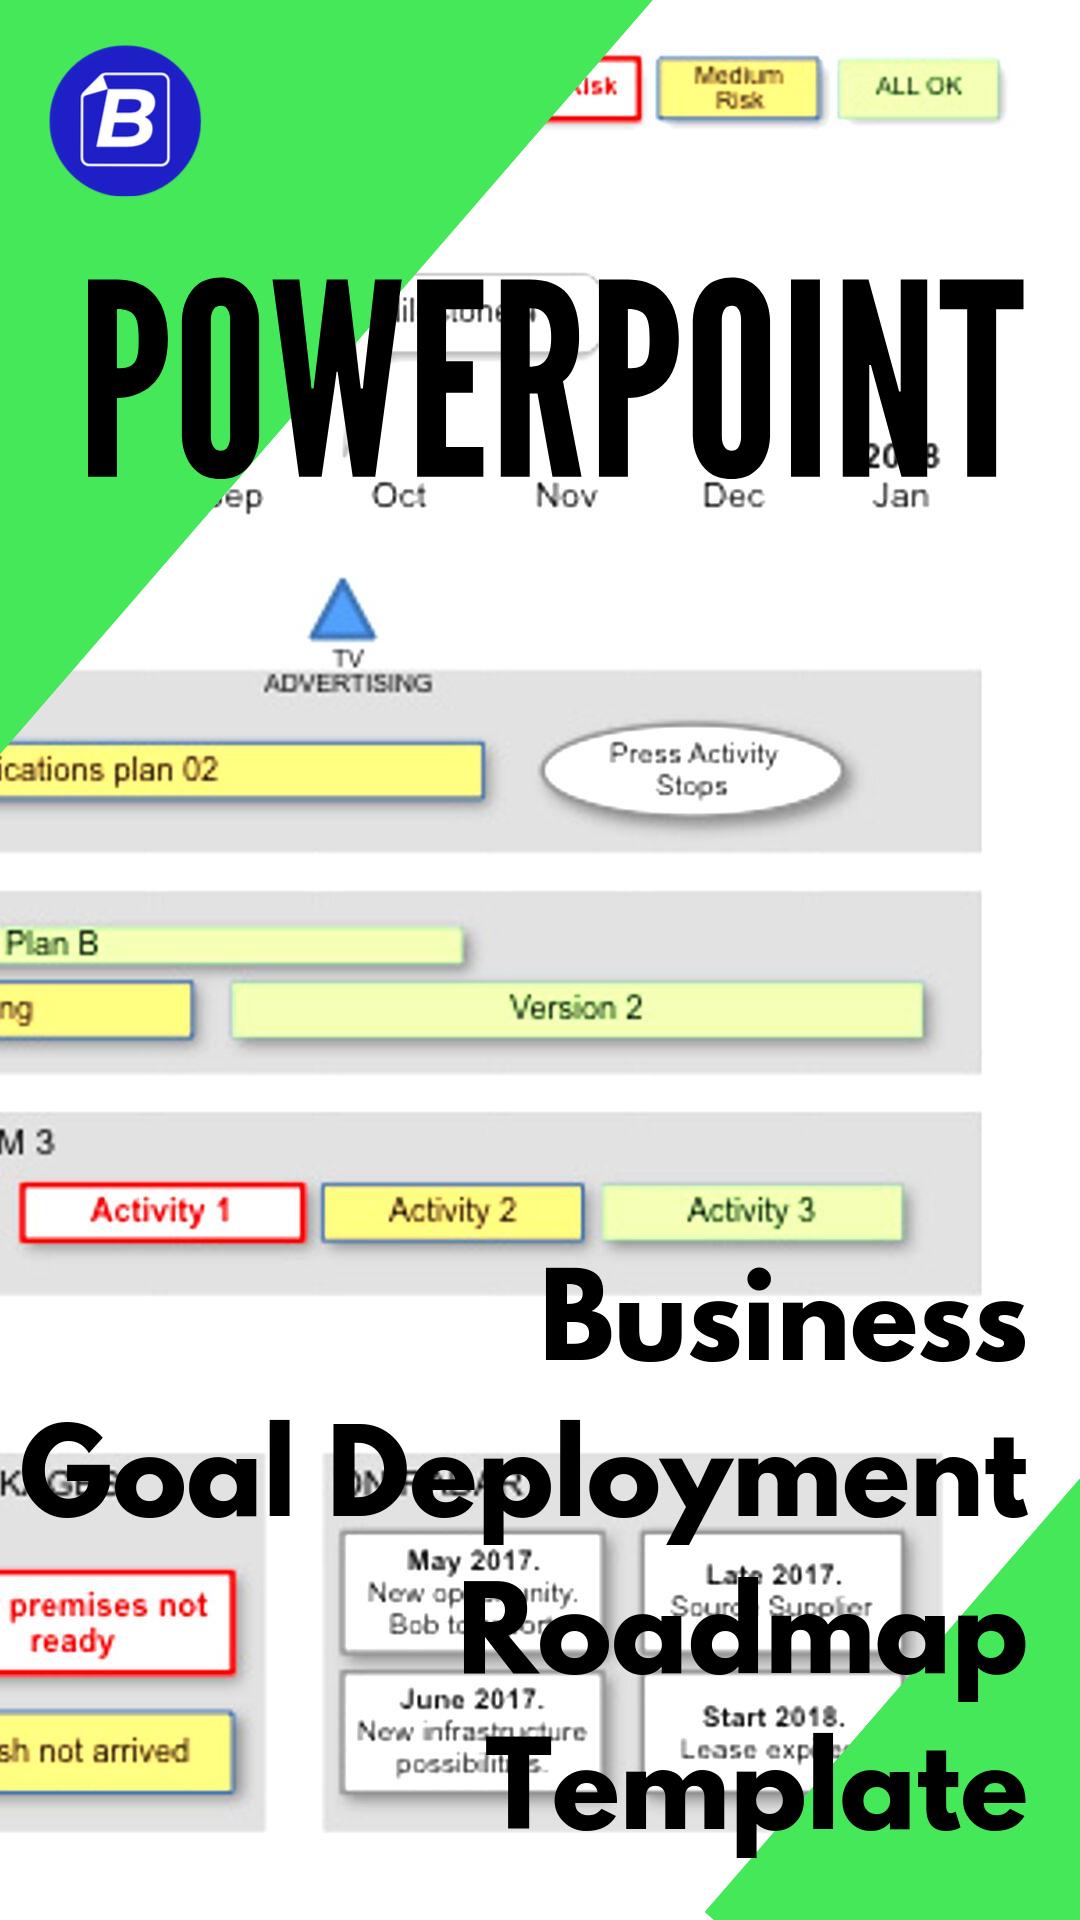 Powerpoint Business Goal Deployment Roadmap Template